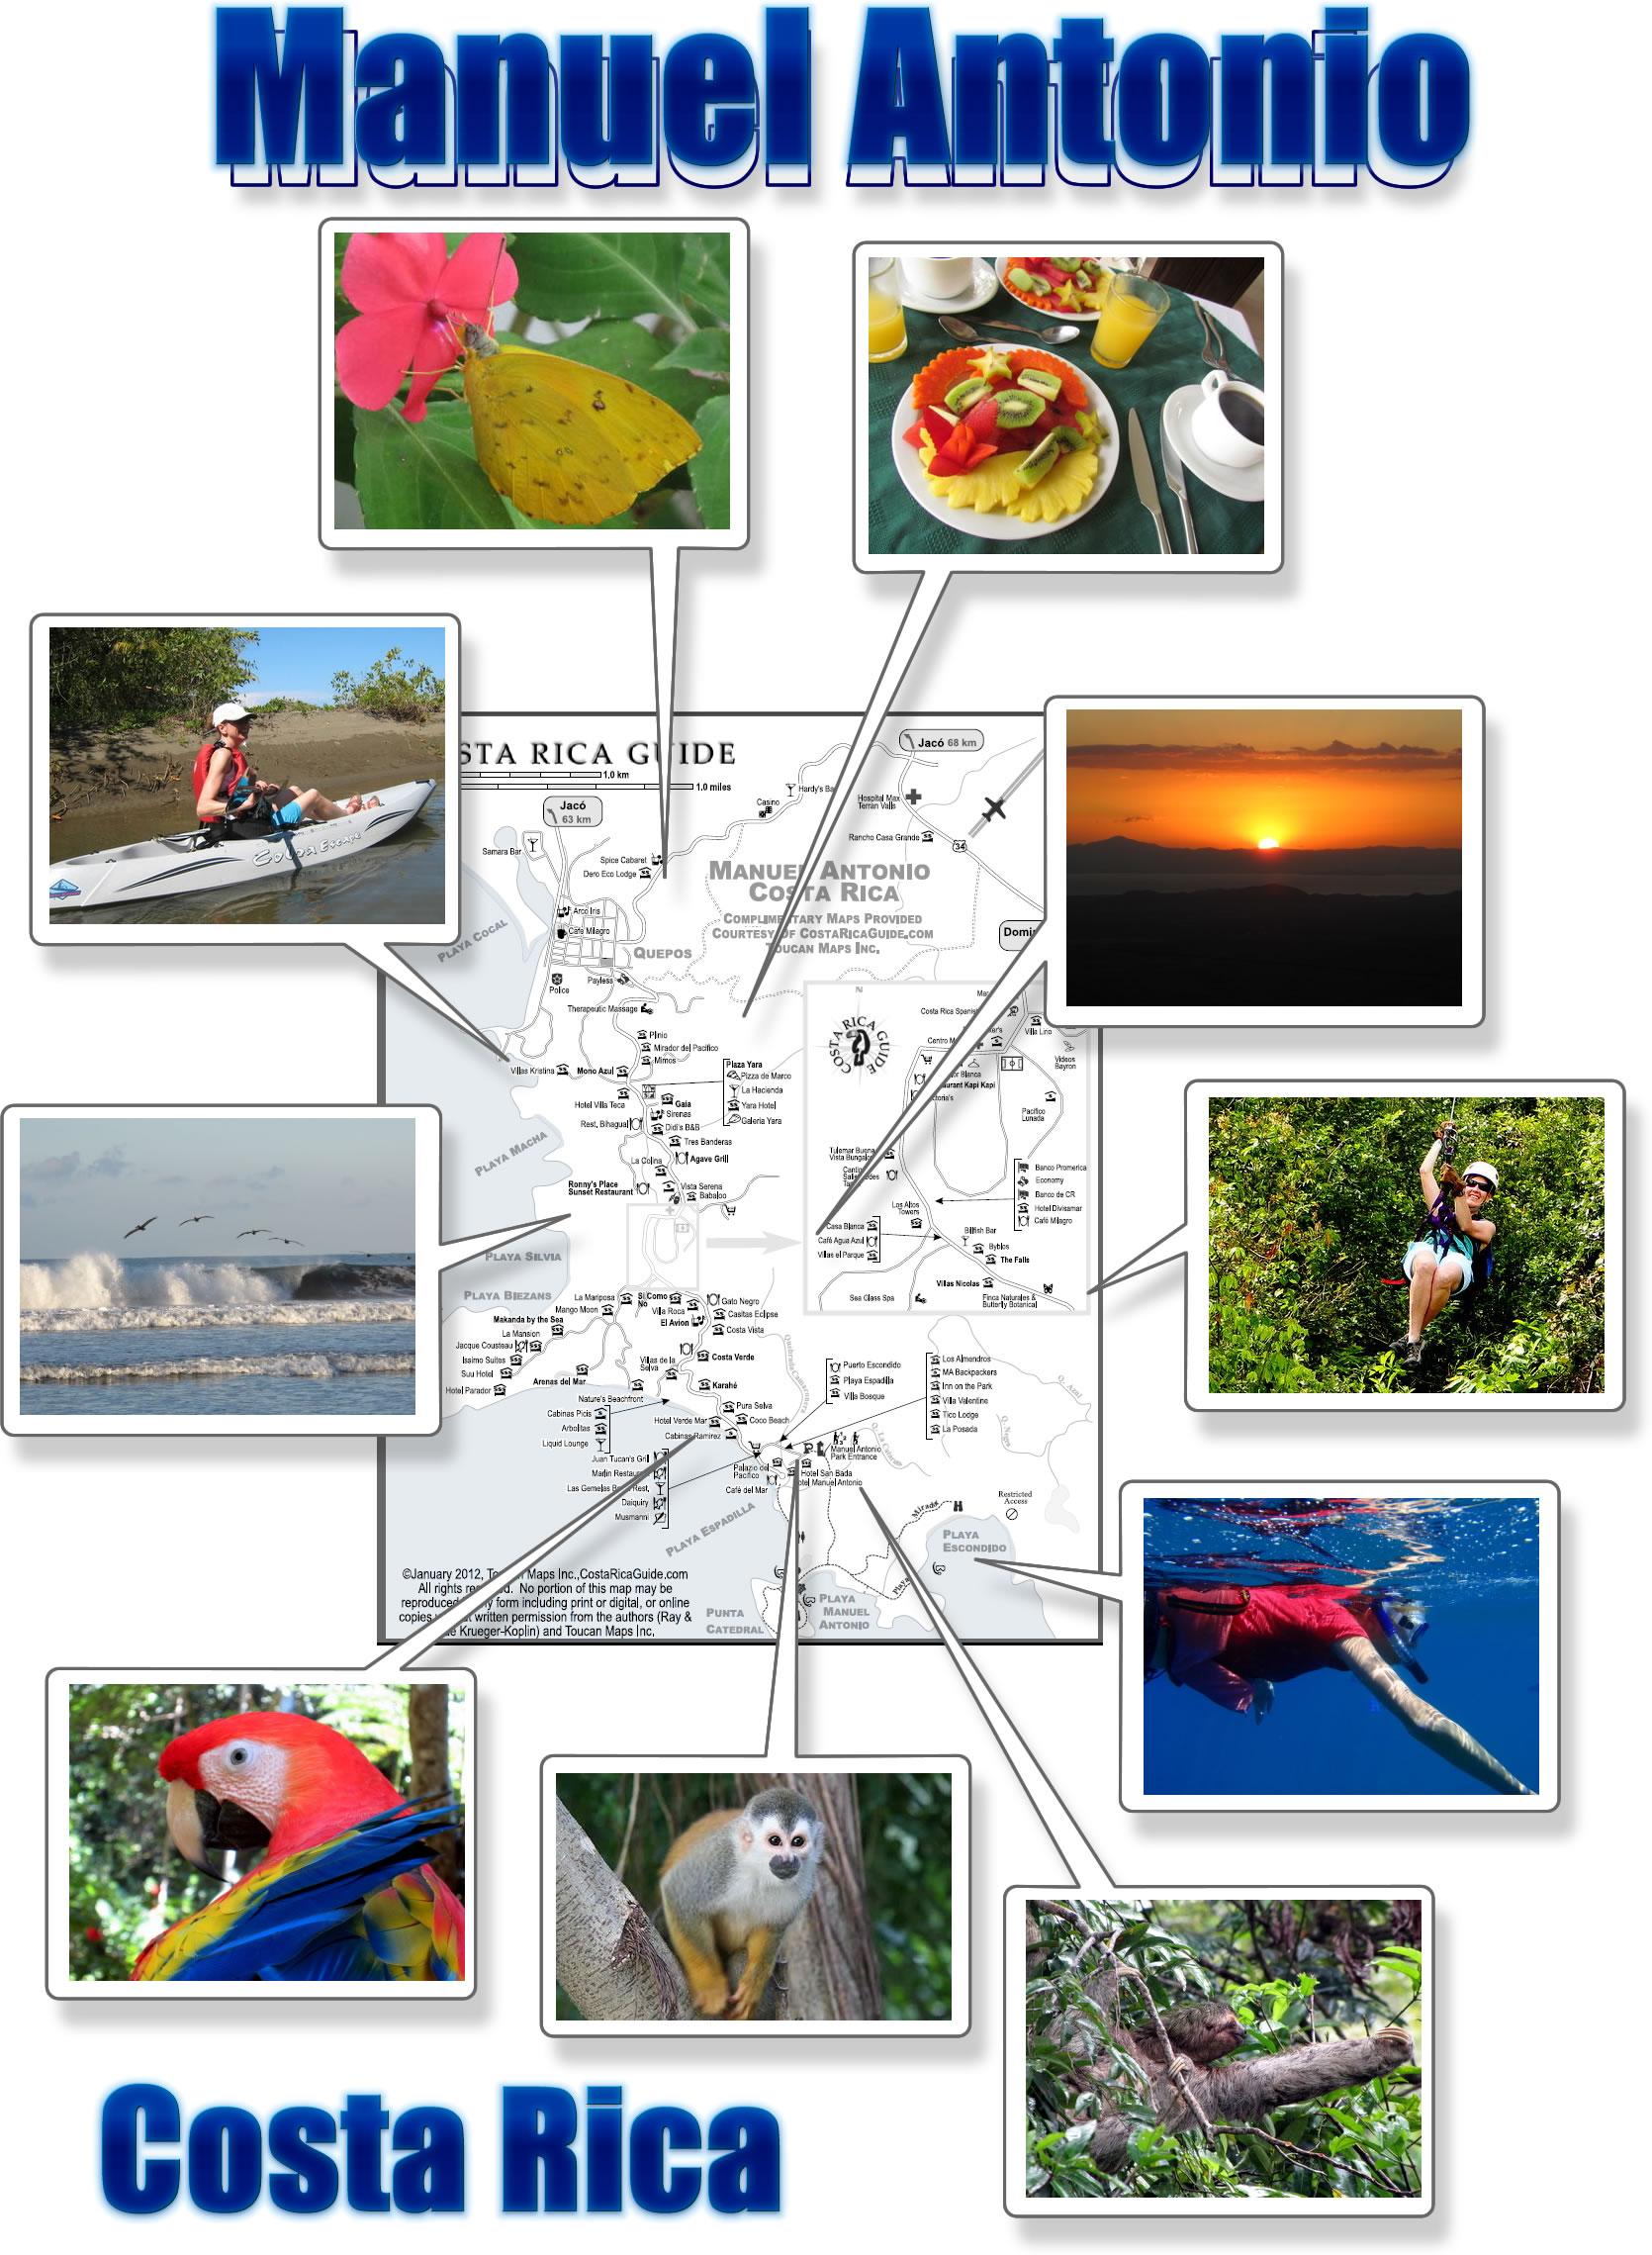 Manuel antonio map free printable download manuel antonio photo map biocorpaavc Gallery